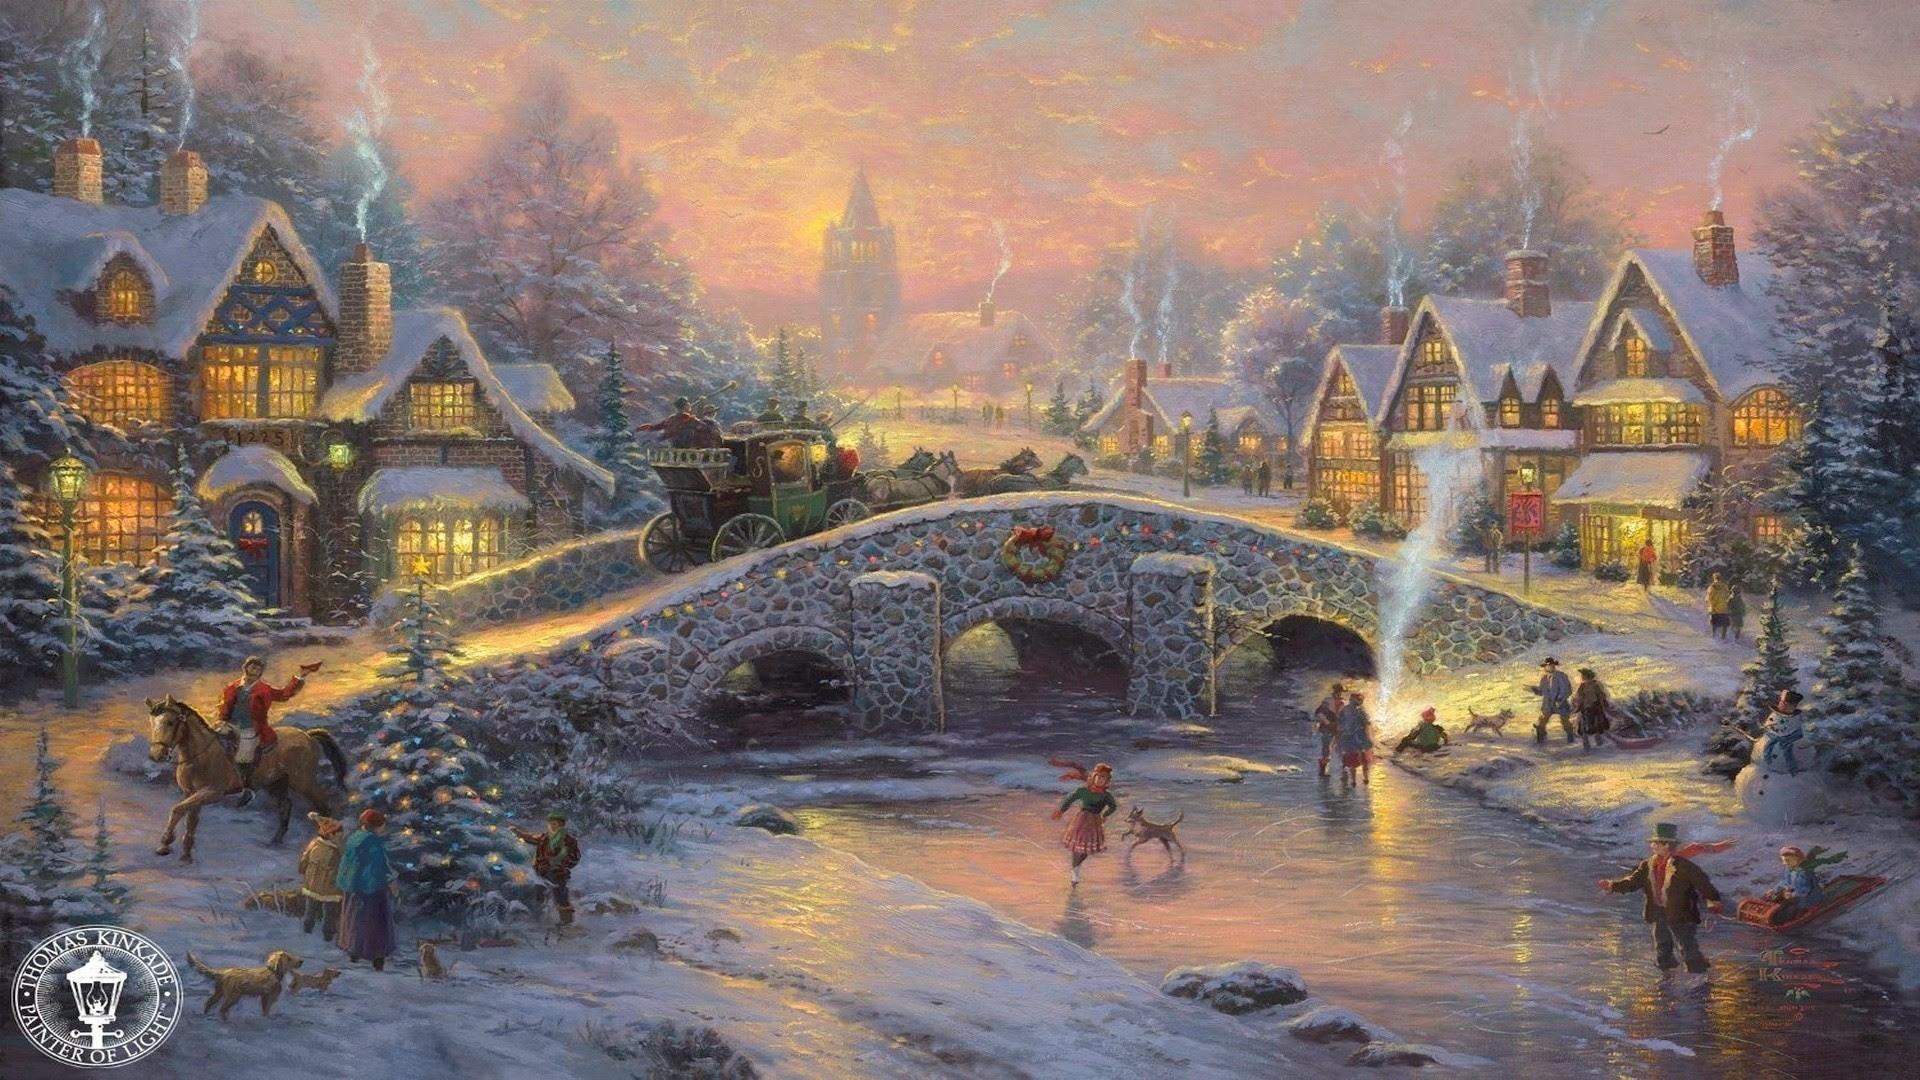 Thomas Kinkade Winter Wallpaper 58 Images